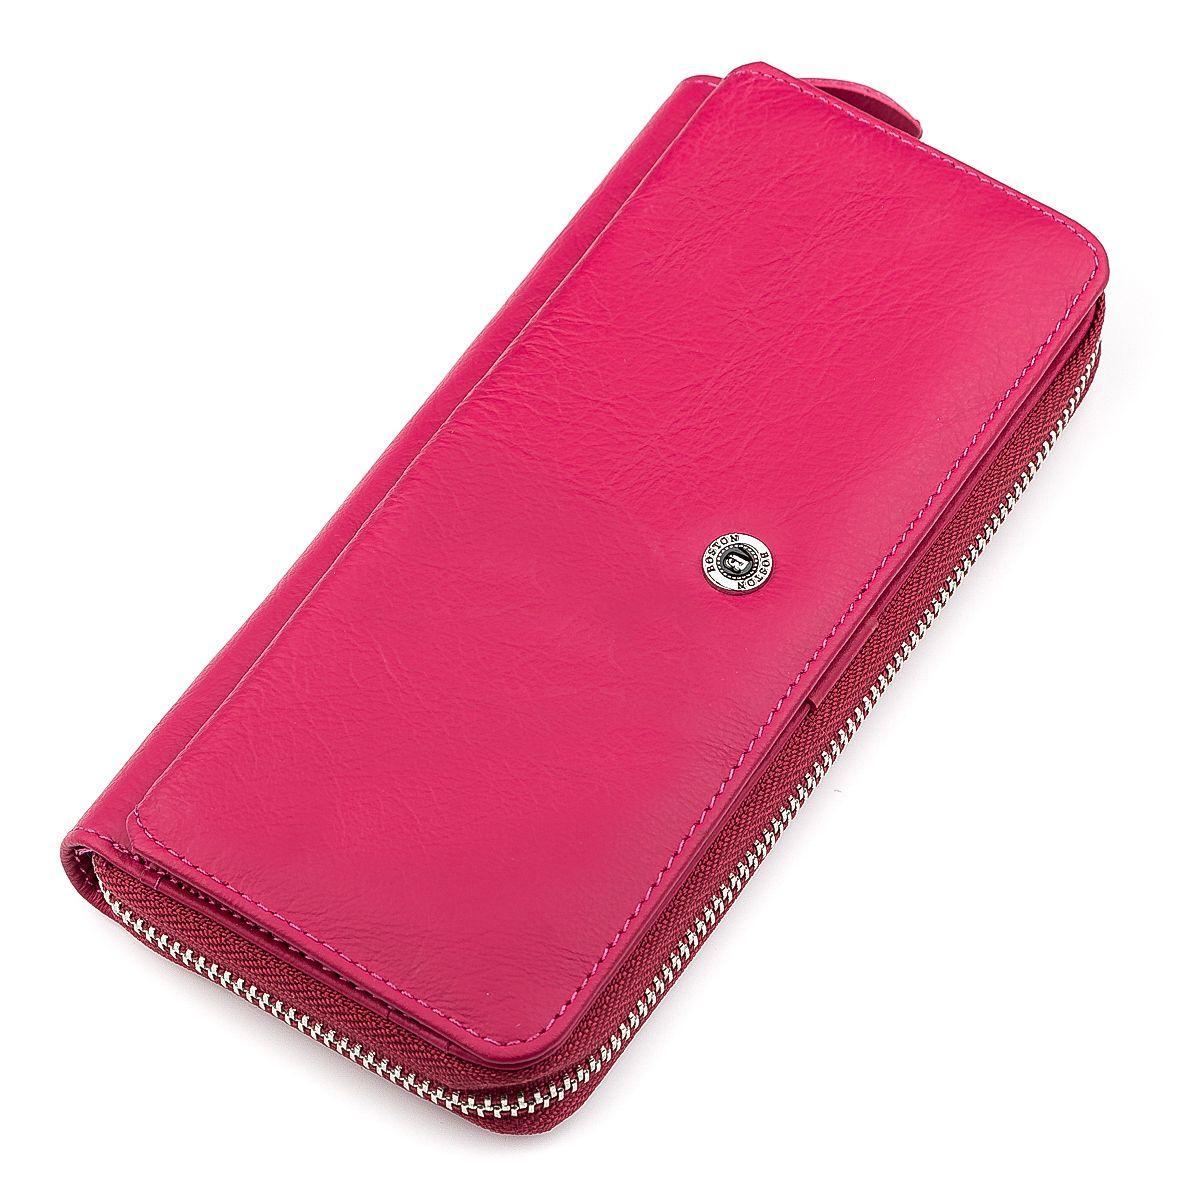 Гаманець Жіночий Boston 18480 (B202) Дуже Ошатний Рожевий, Рожевий